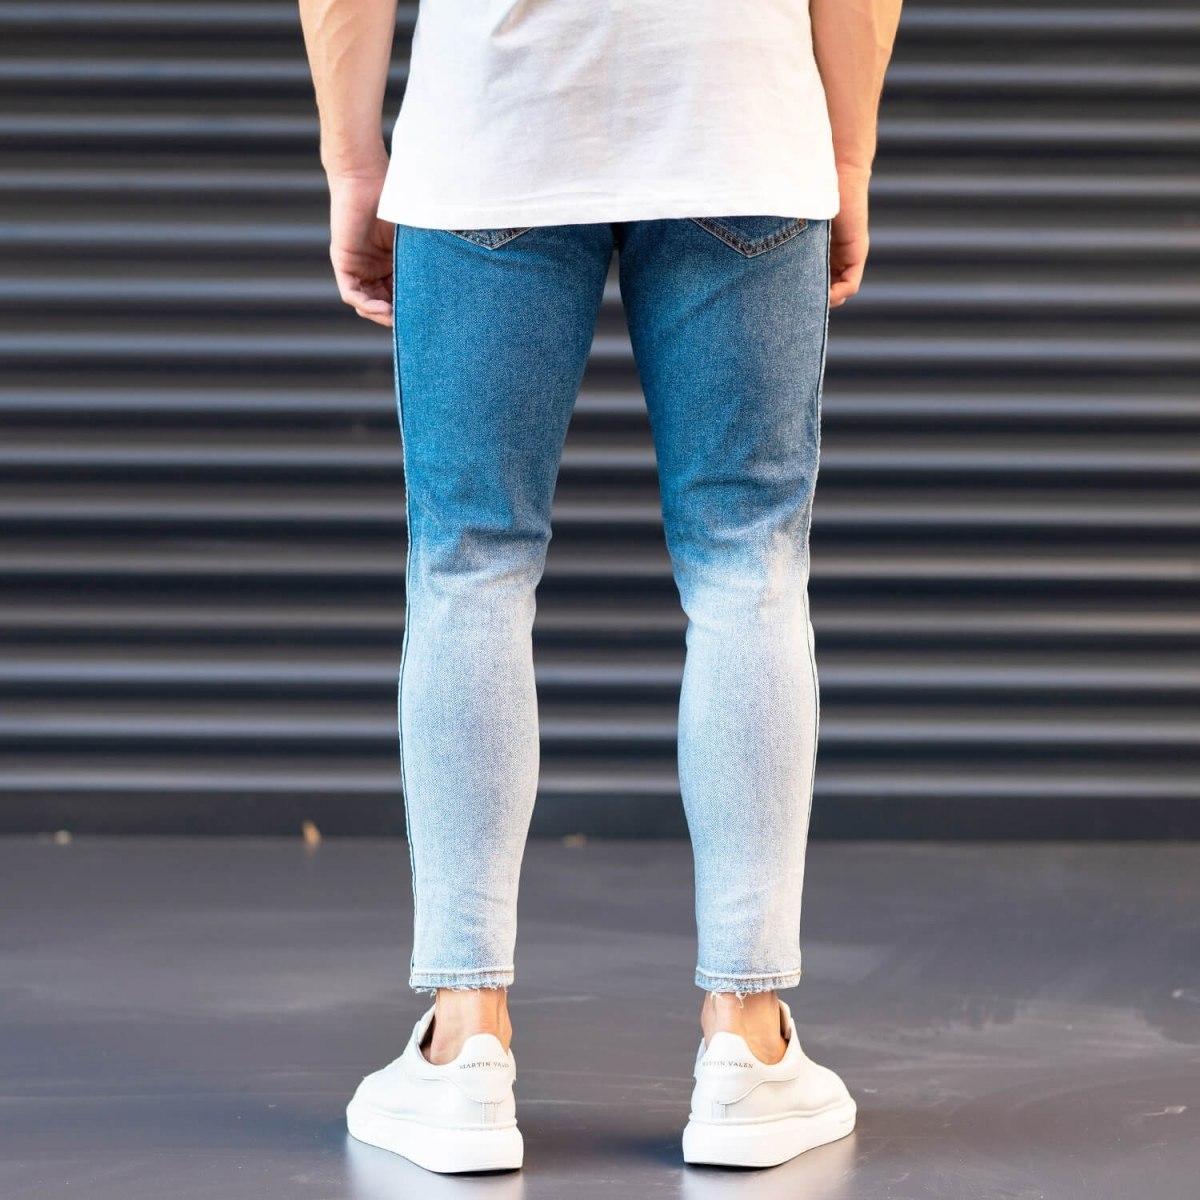 Men's Jeans In Denim&Powder Style Mv Premium Brand - 4